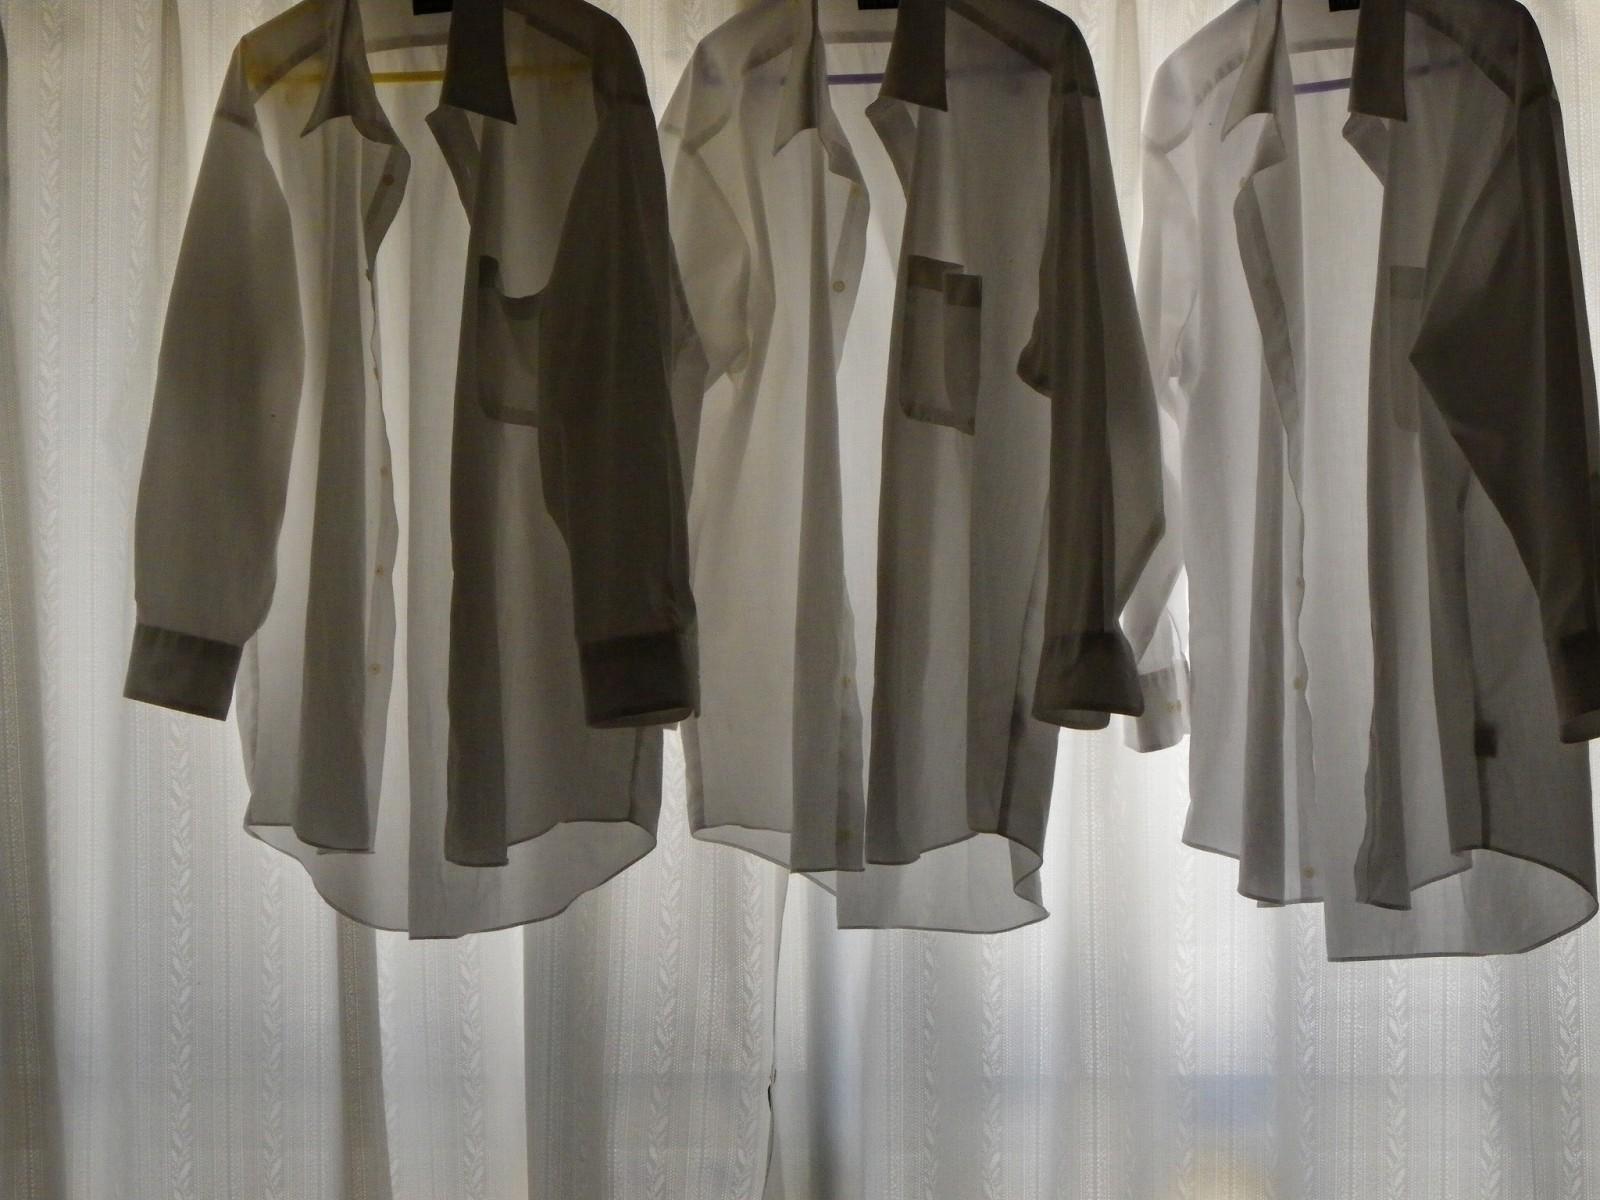 洗濯物を早く乾かす方法!部屋干しはエアコンと除湿器どっちがいい?